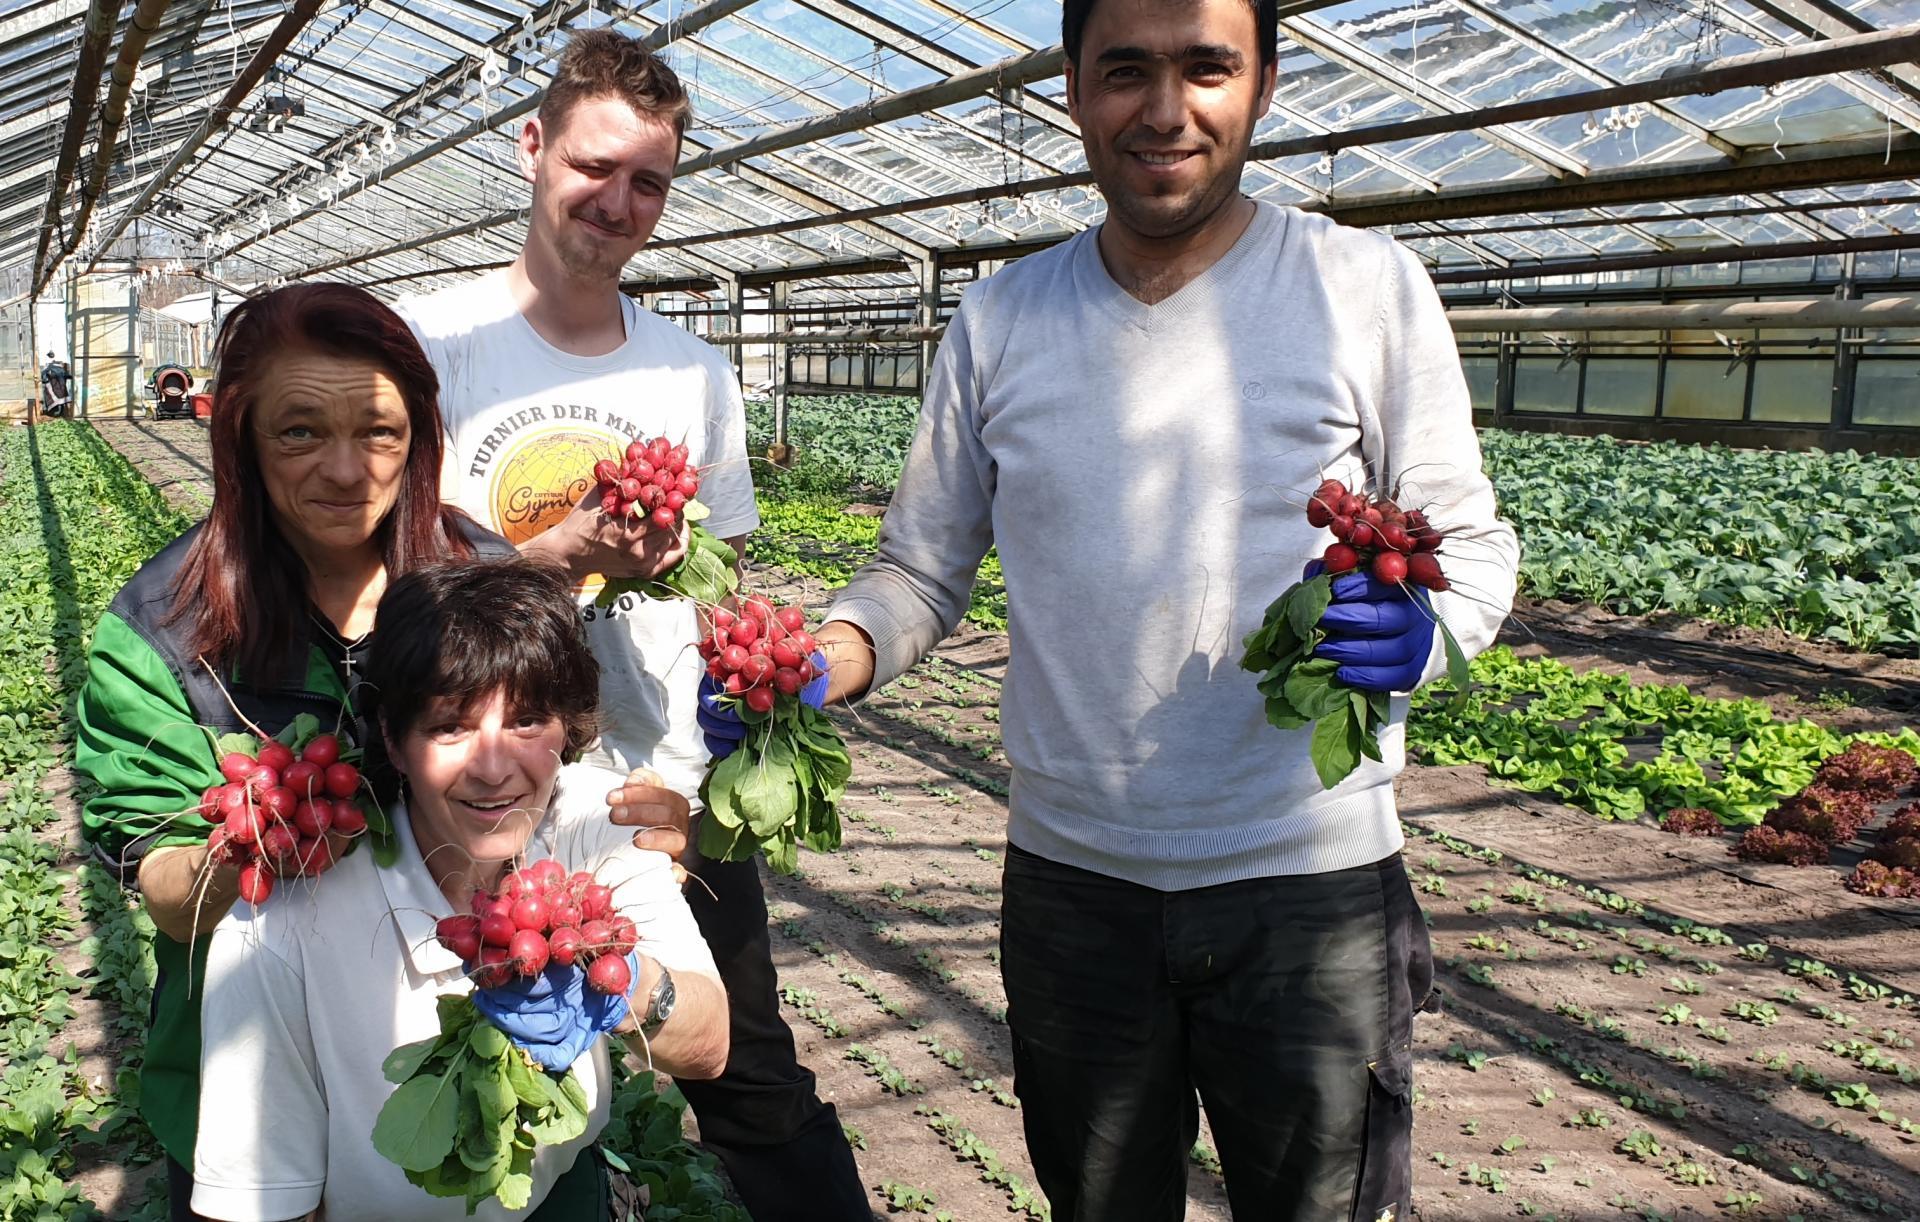 Mitarbeiter aus Fleißdorf präsentieren stolz die ersten Radieschen